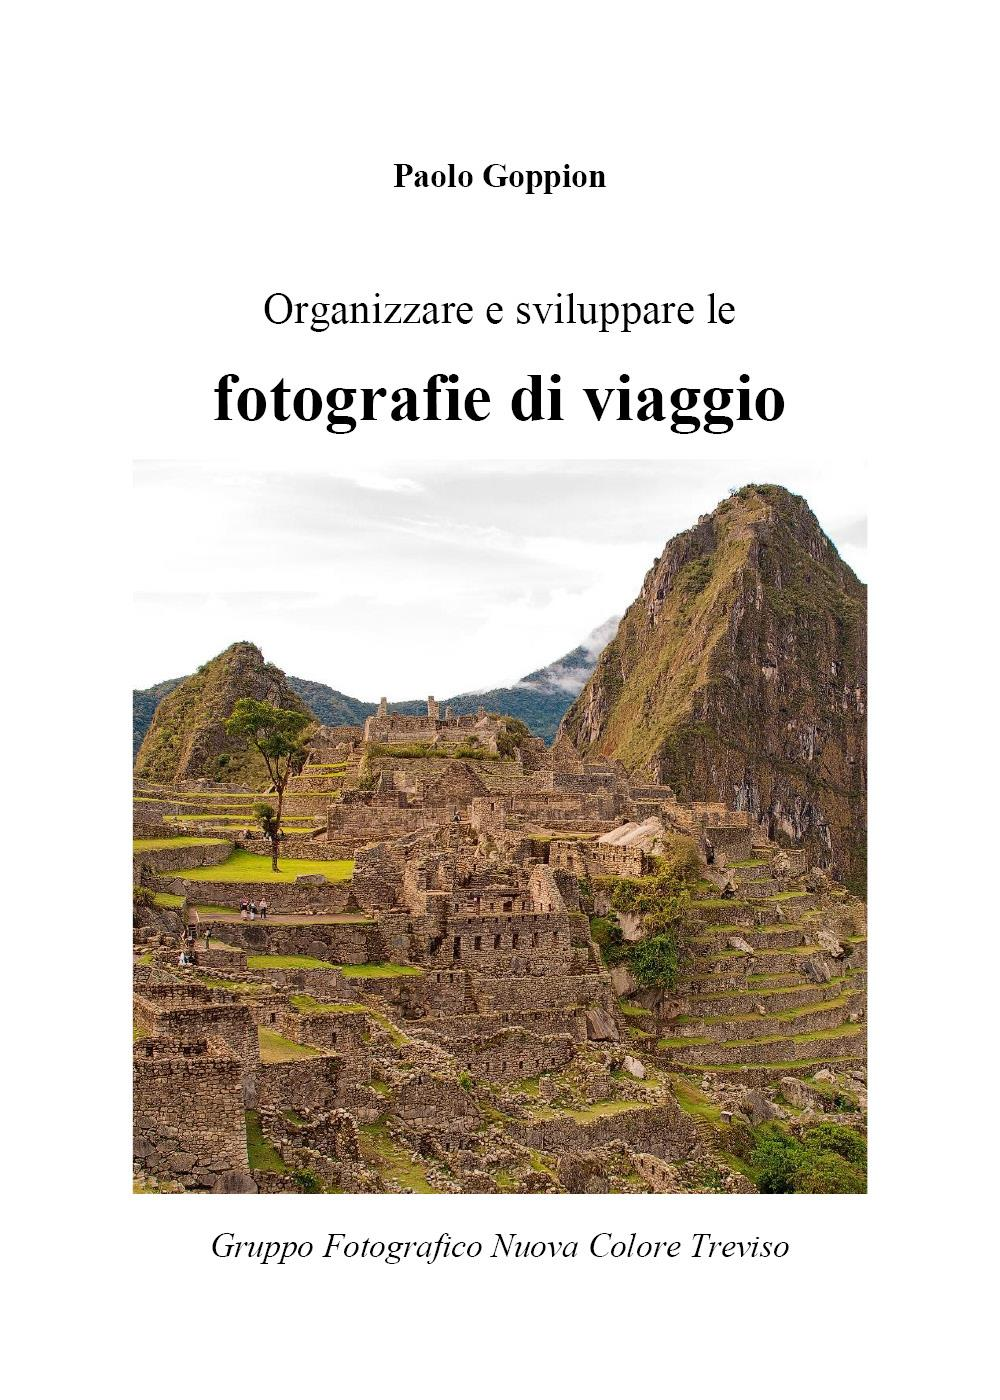 Organizzare e sviluppare le fotografie di viaggio